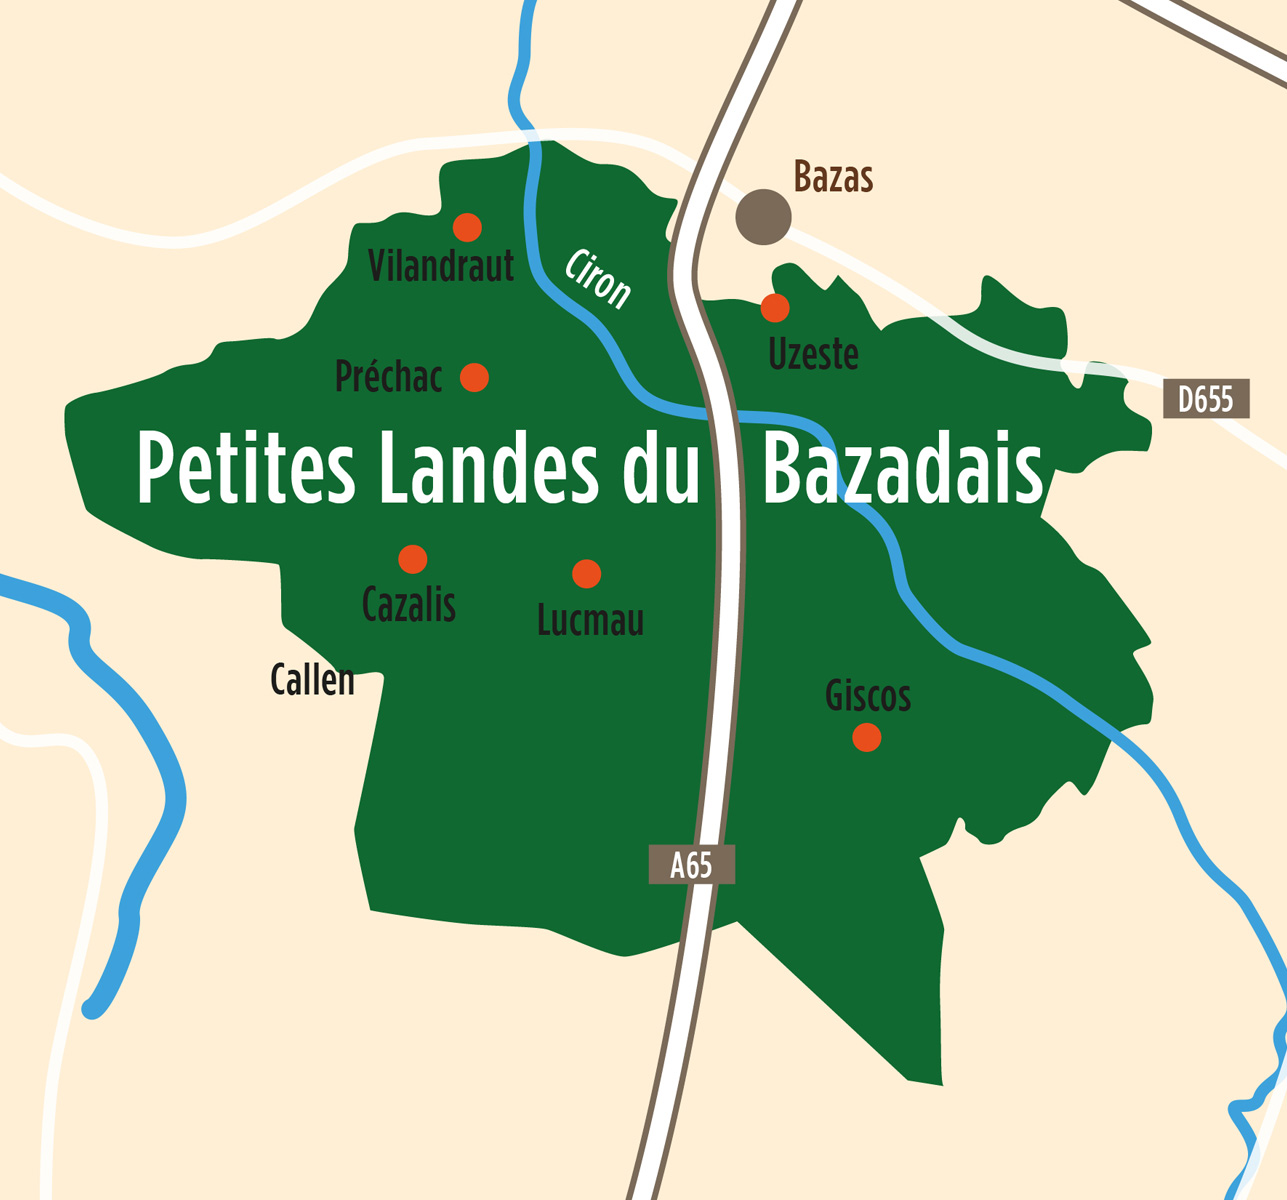 Petites Landes du Bazadais